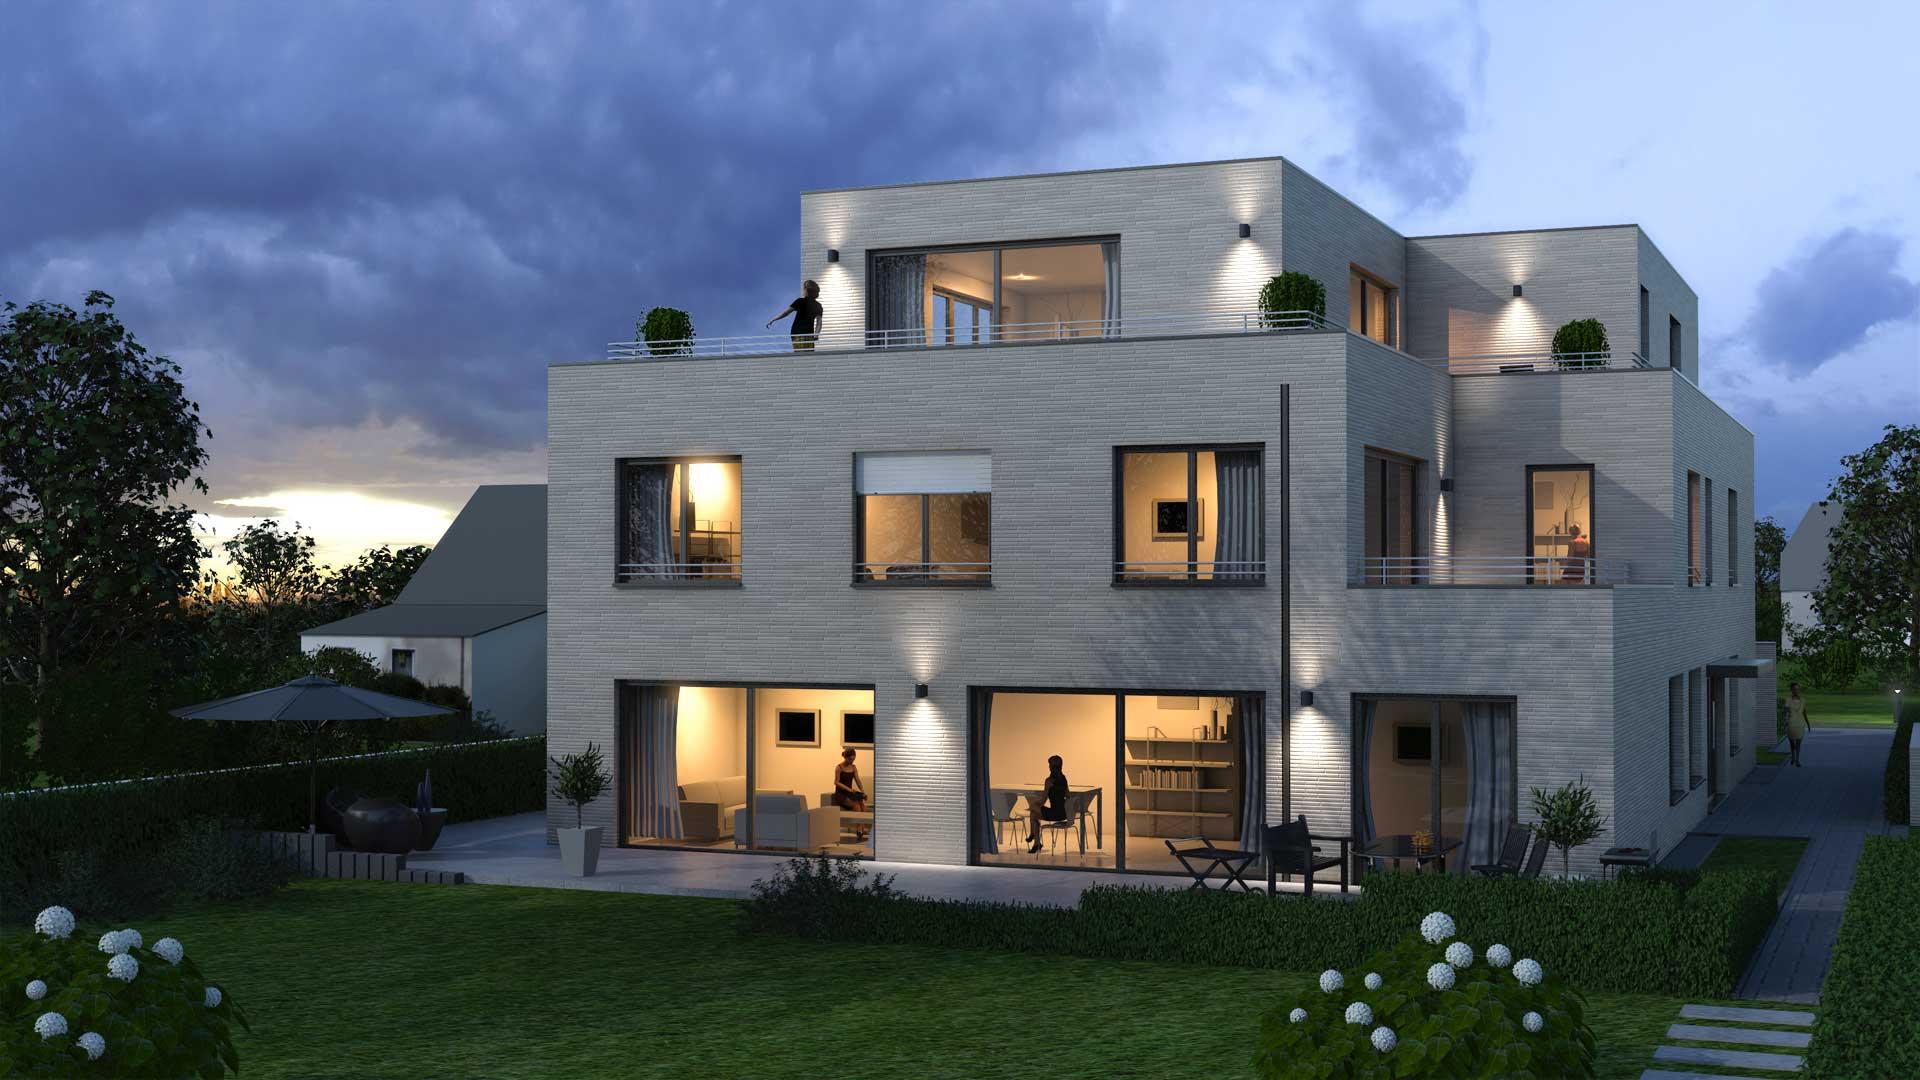 3D-Visualisierungen-Architektur-Aussen-Stadtvilla-AmGleuelerBach-01-1920x1080